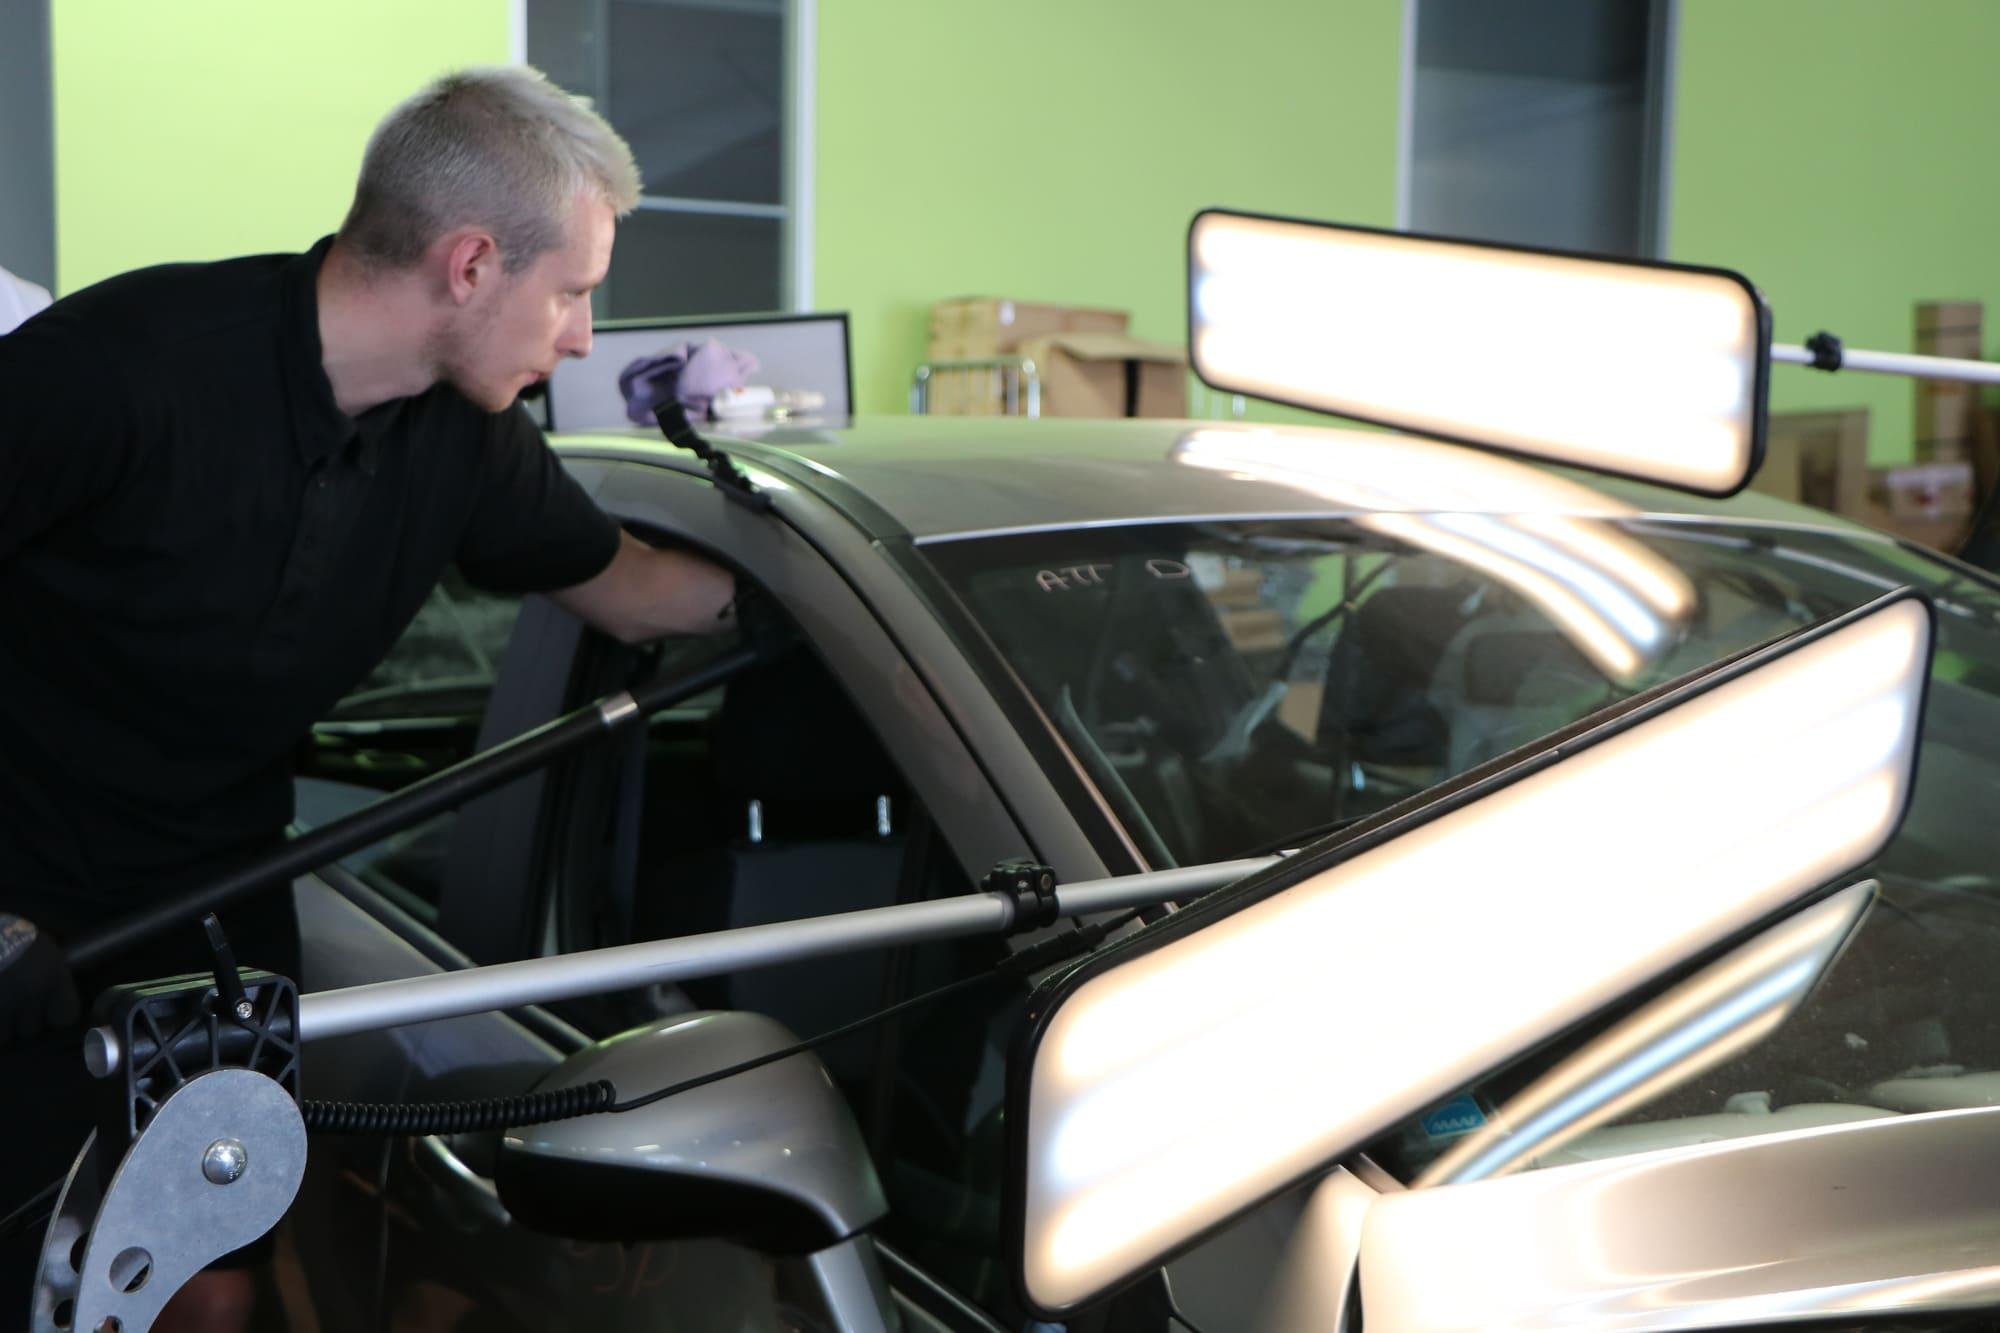 Carrossier chez SAFRA Automobile qui utilise une technique de débosselage sans peinture sur un véhicule grêlé